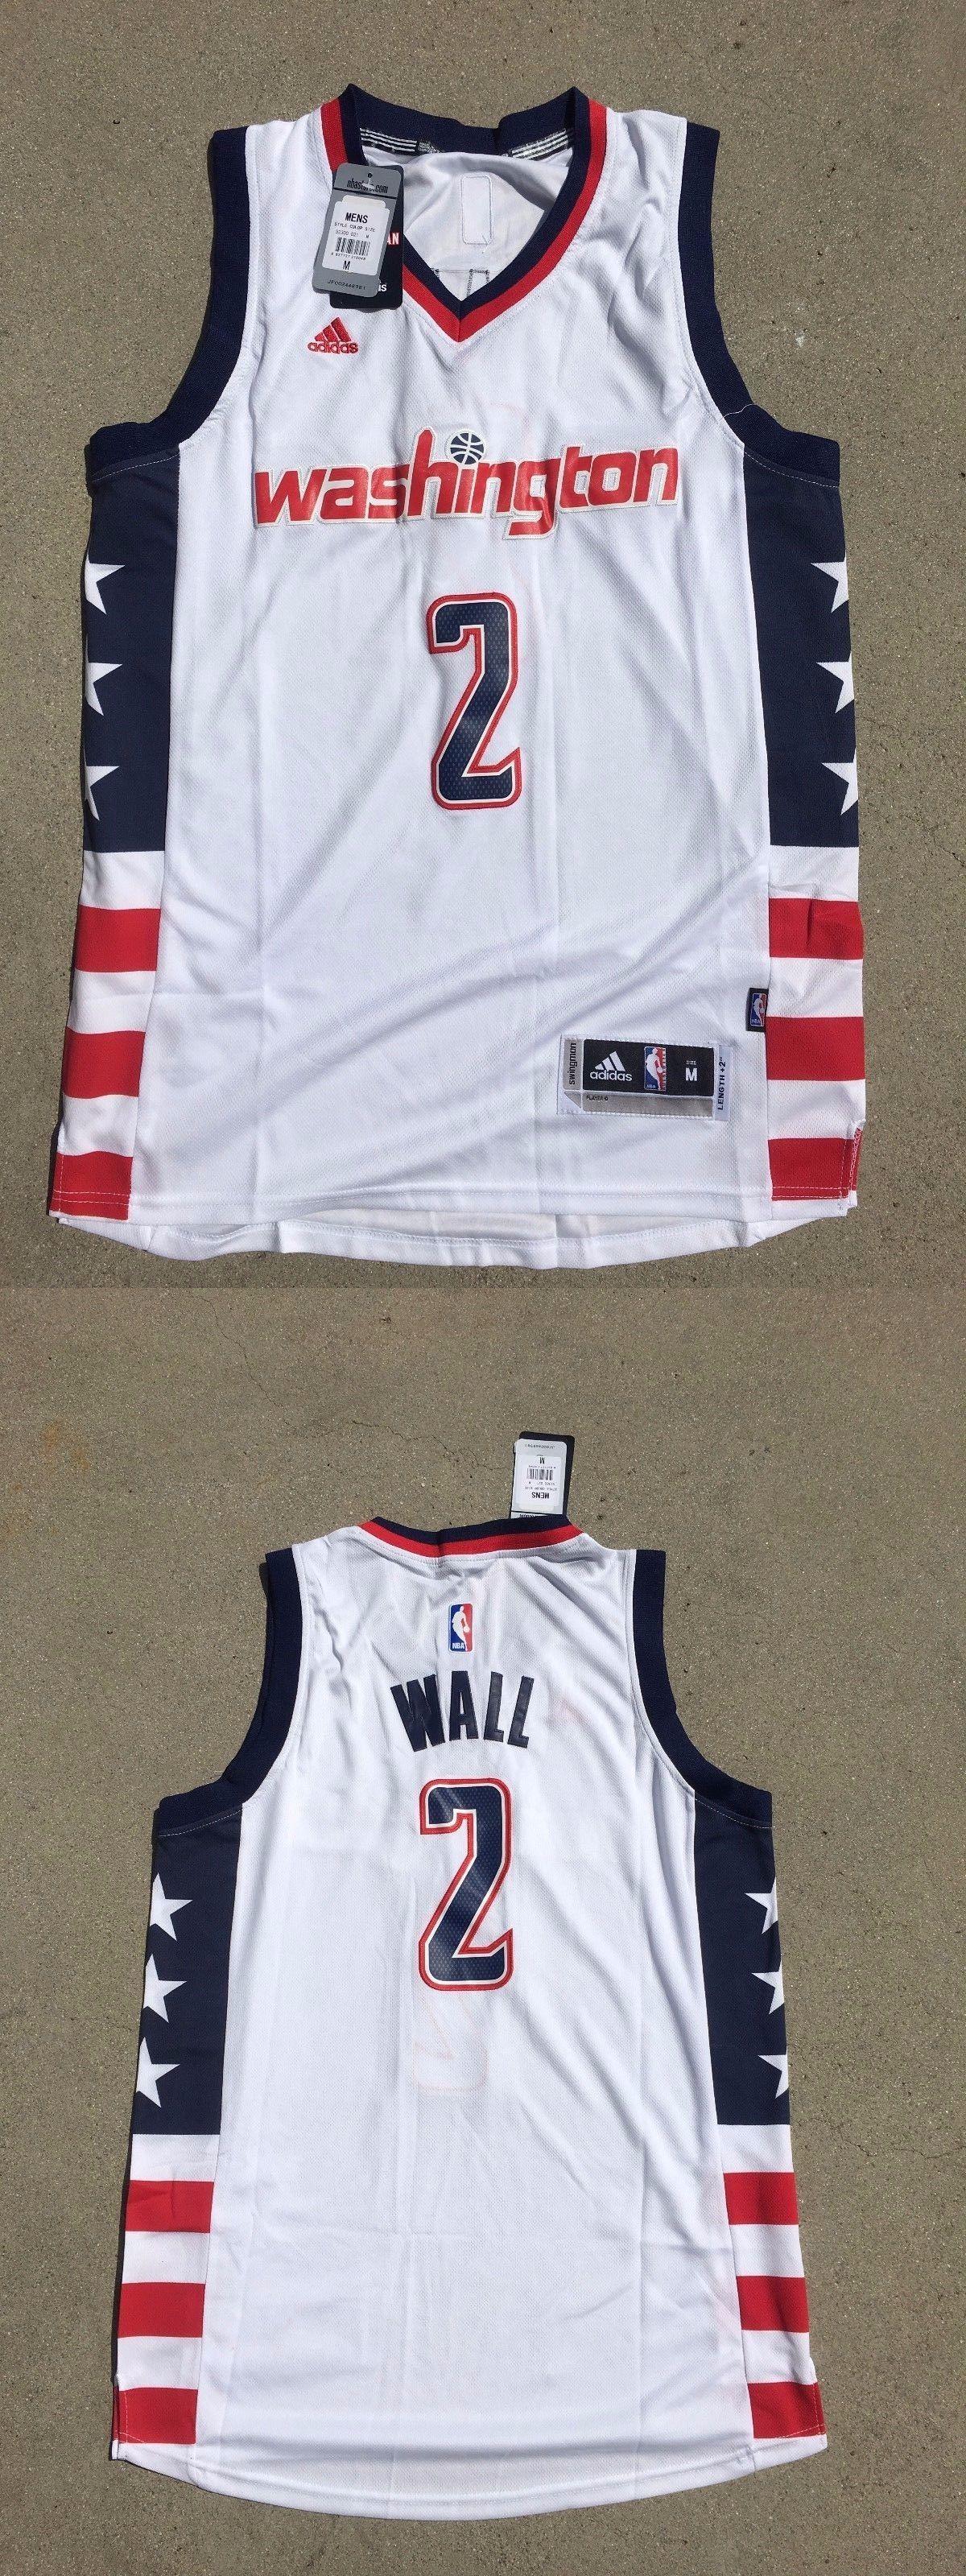 premium selection 54ee5 f7de8 greece john wall jersey ebay 53162 43ddd